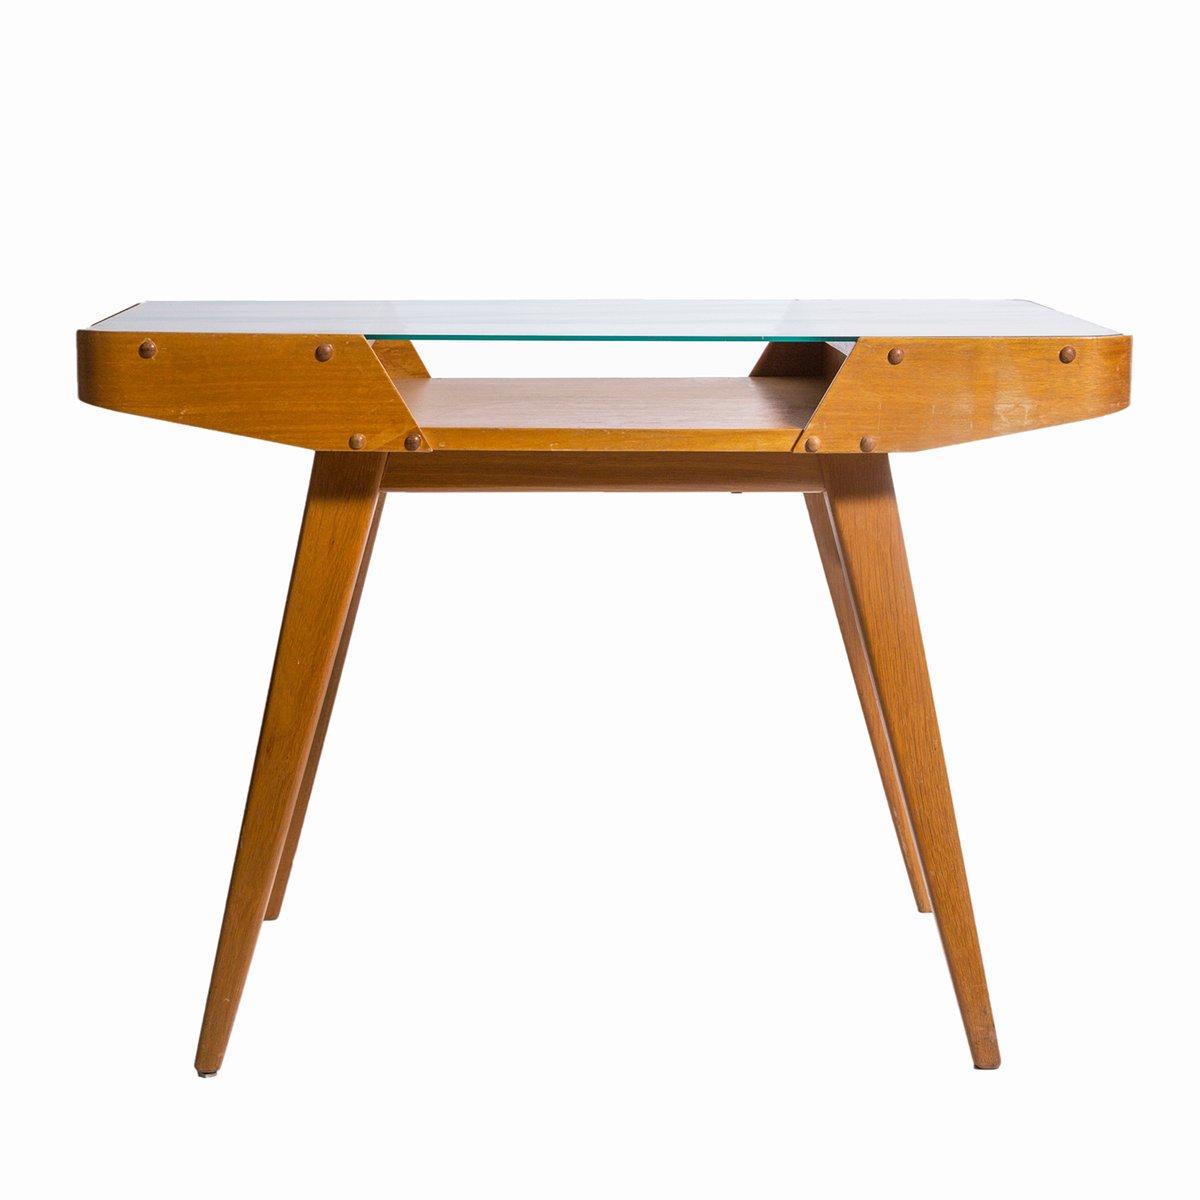 table d 39 appoint mid century avec plateau en verre en vente. Black Bedroom Furniture Sets. Home Design Ideas